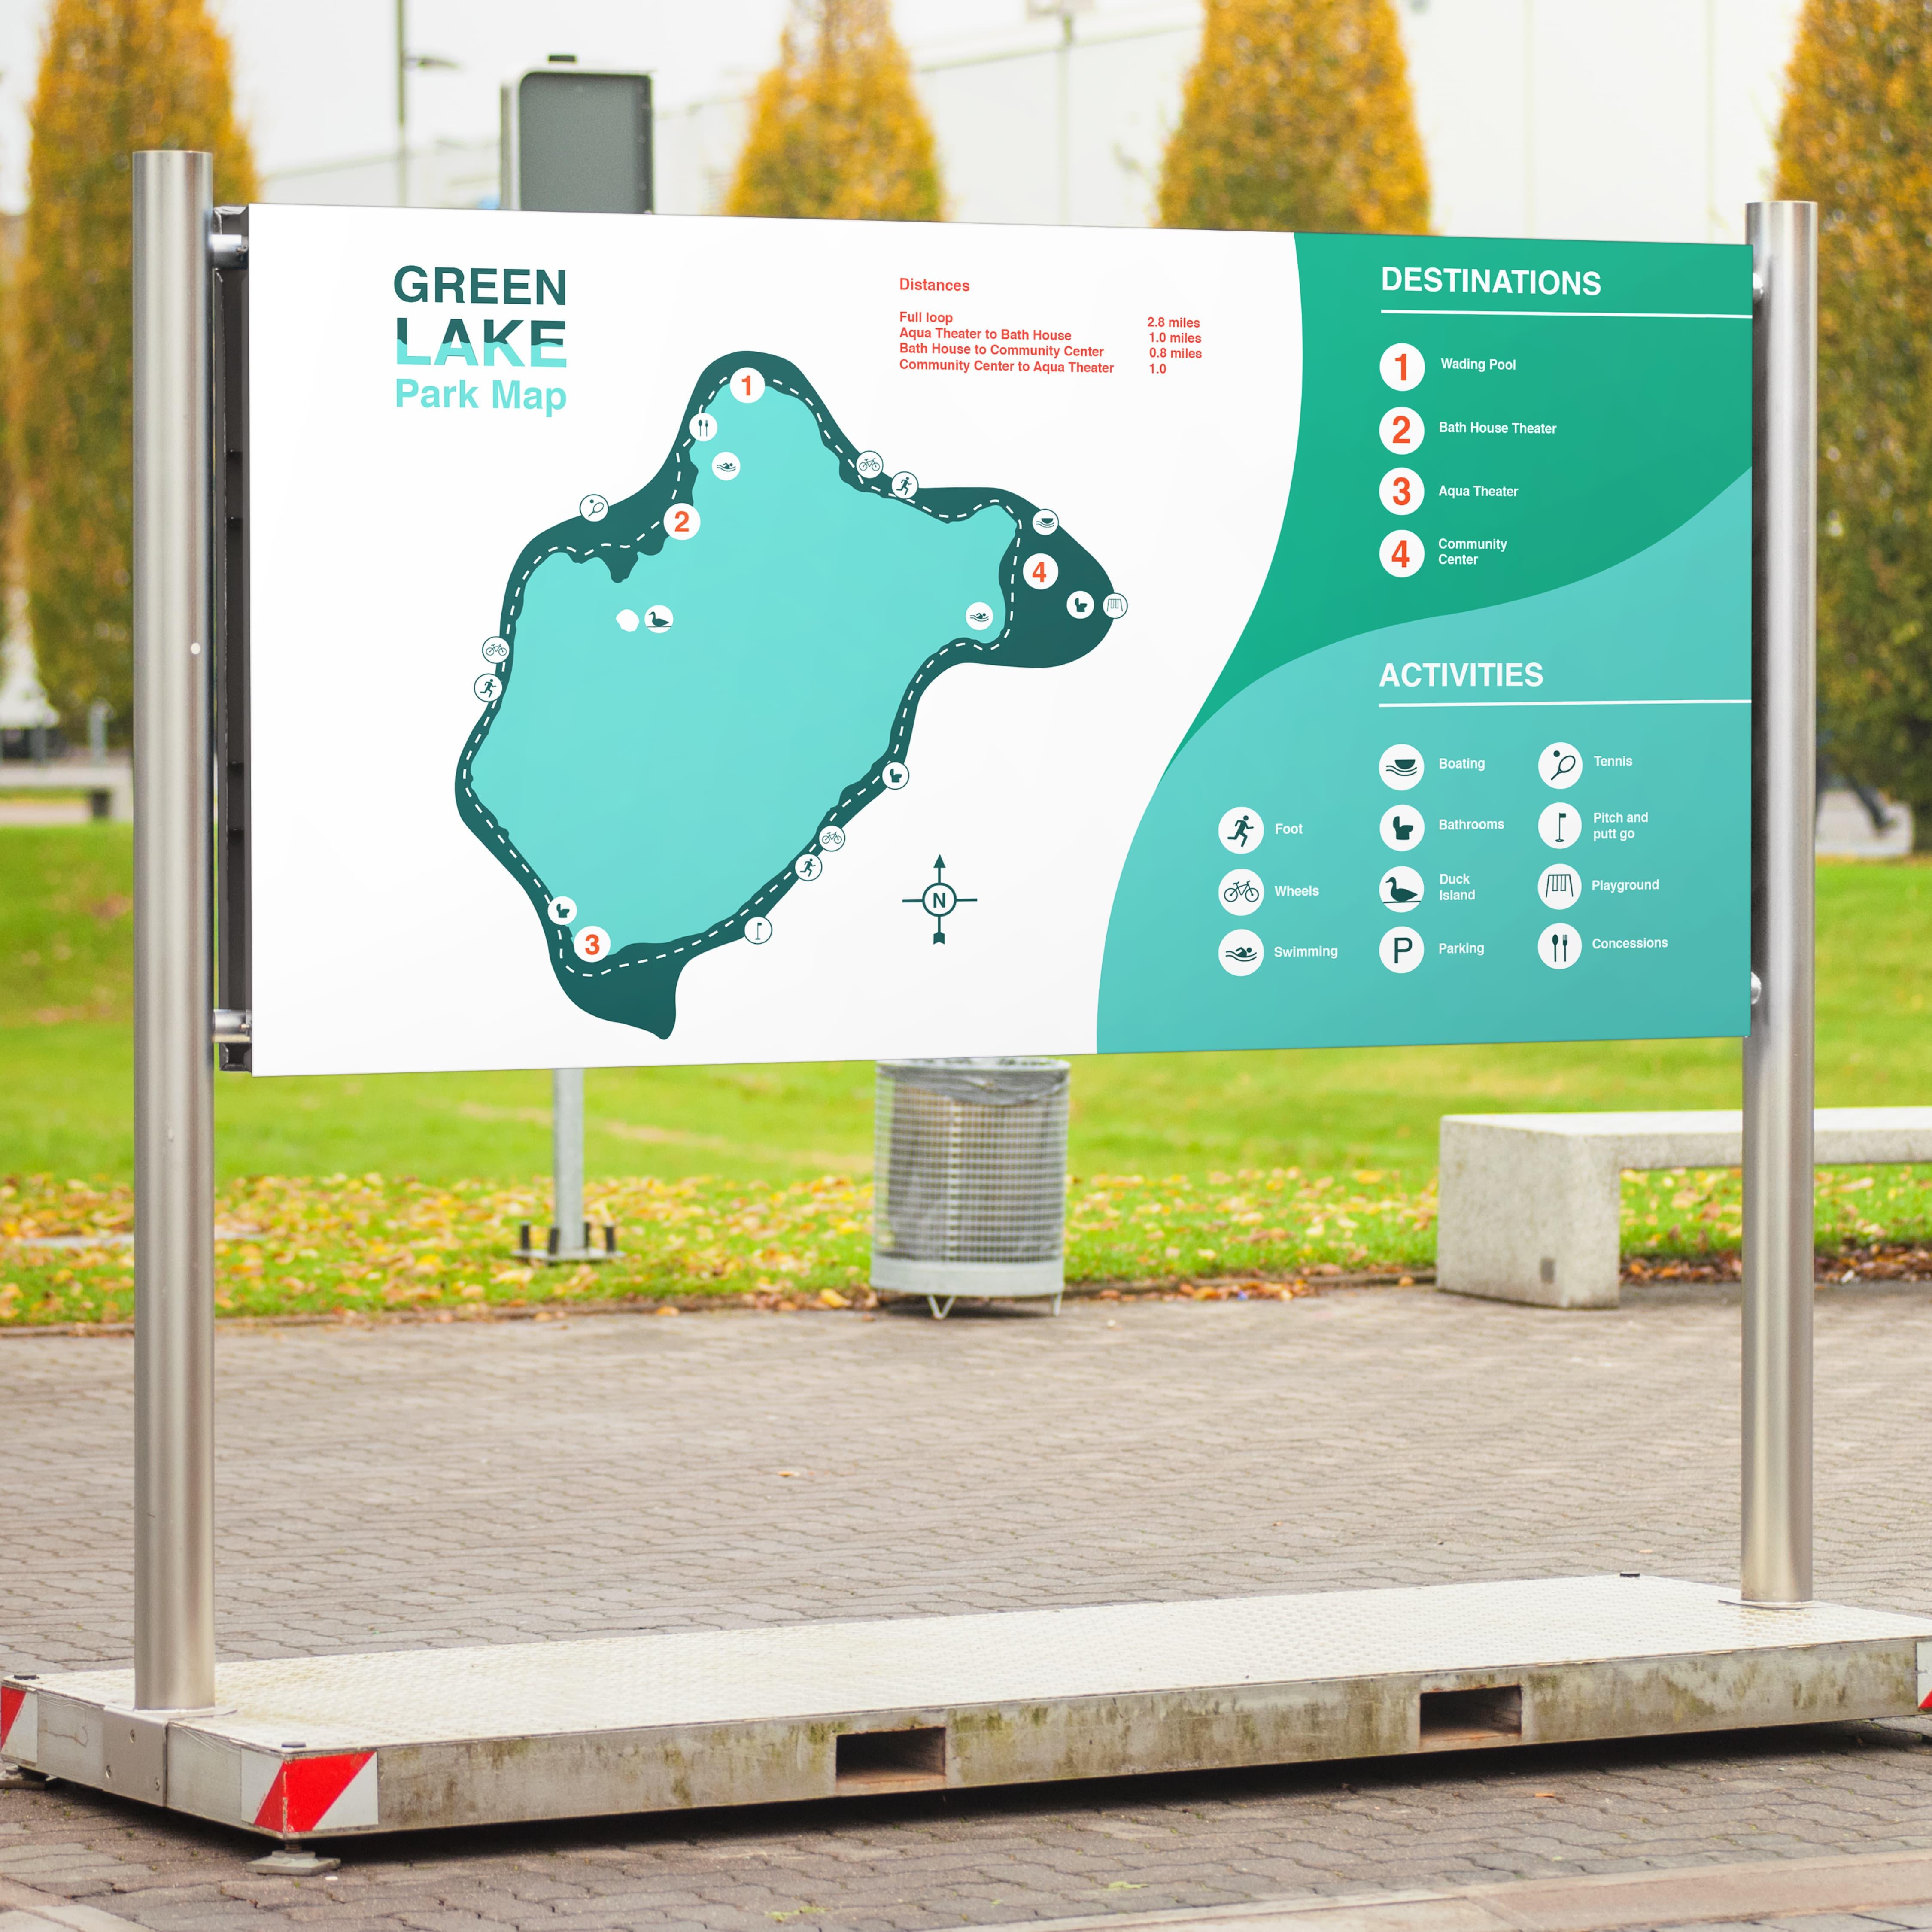 Green Lake Park: Wayfinding Redesign